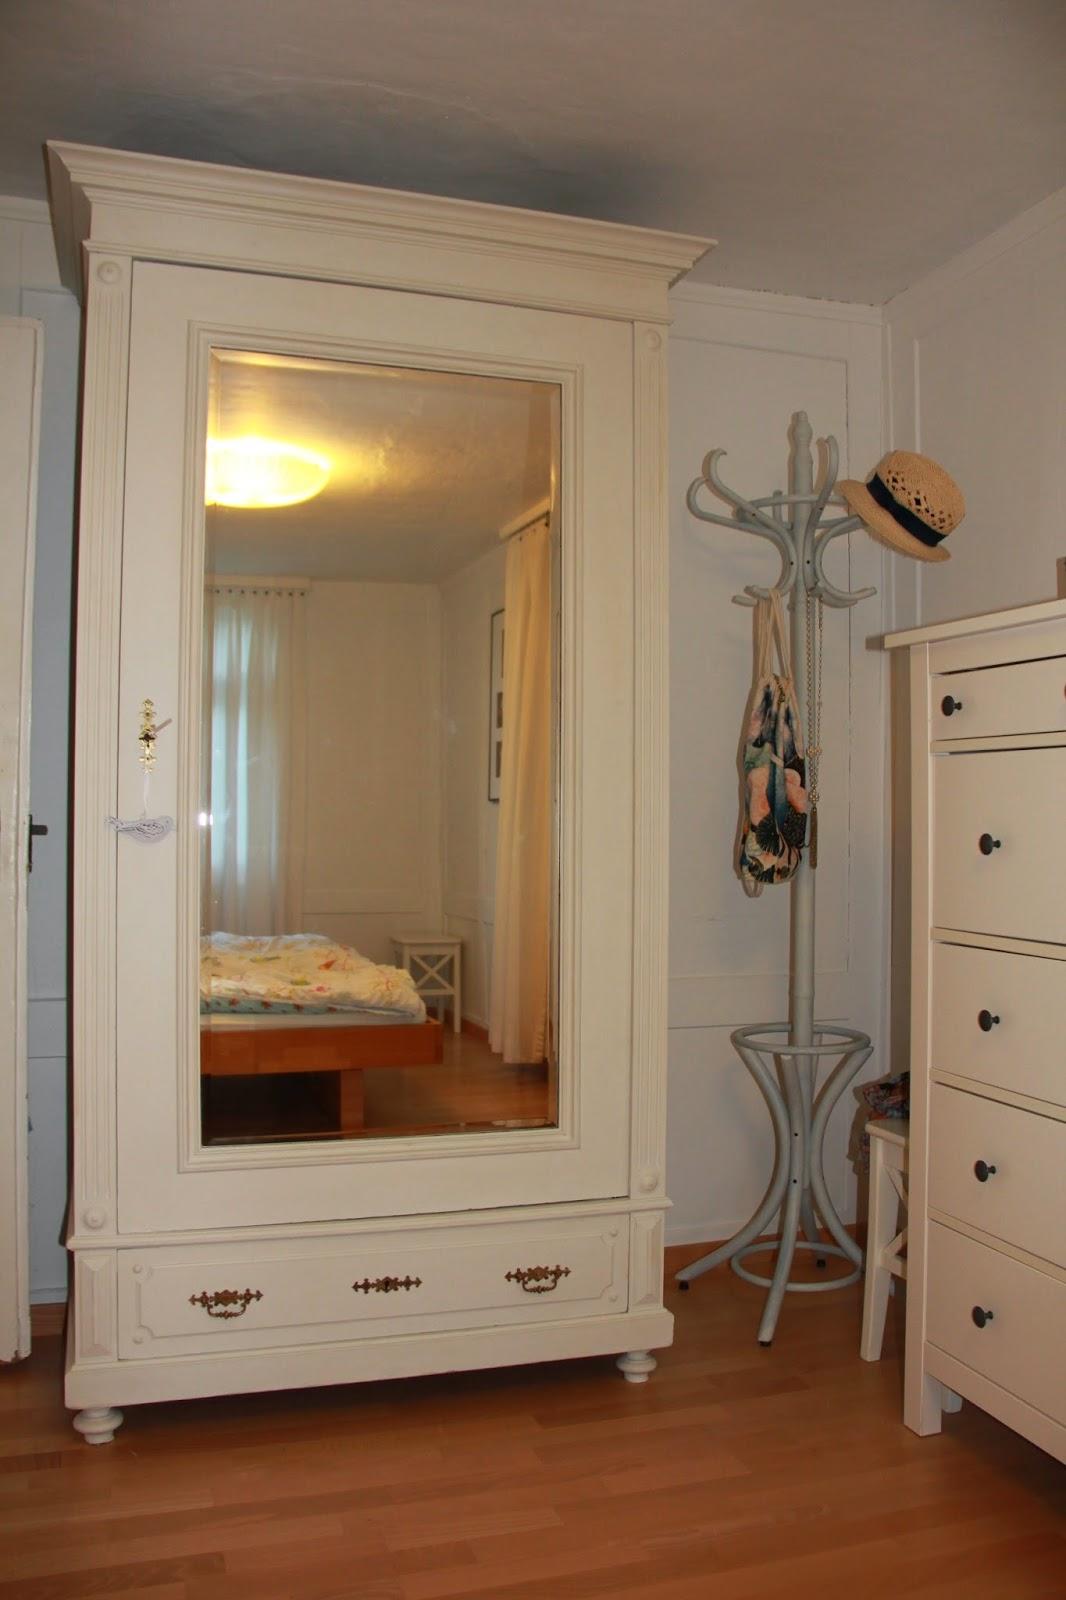 ina 39 s kreativwelt malen mit indiid und annie sloan oder ein kleiner einblick in unser schlafzimmer. Black Bedroom Furniture Sets. Home Design Ideas